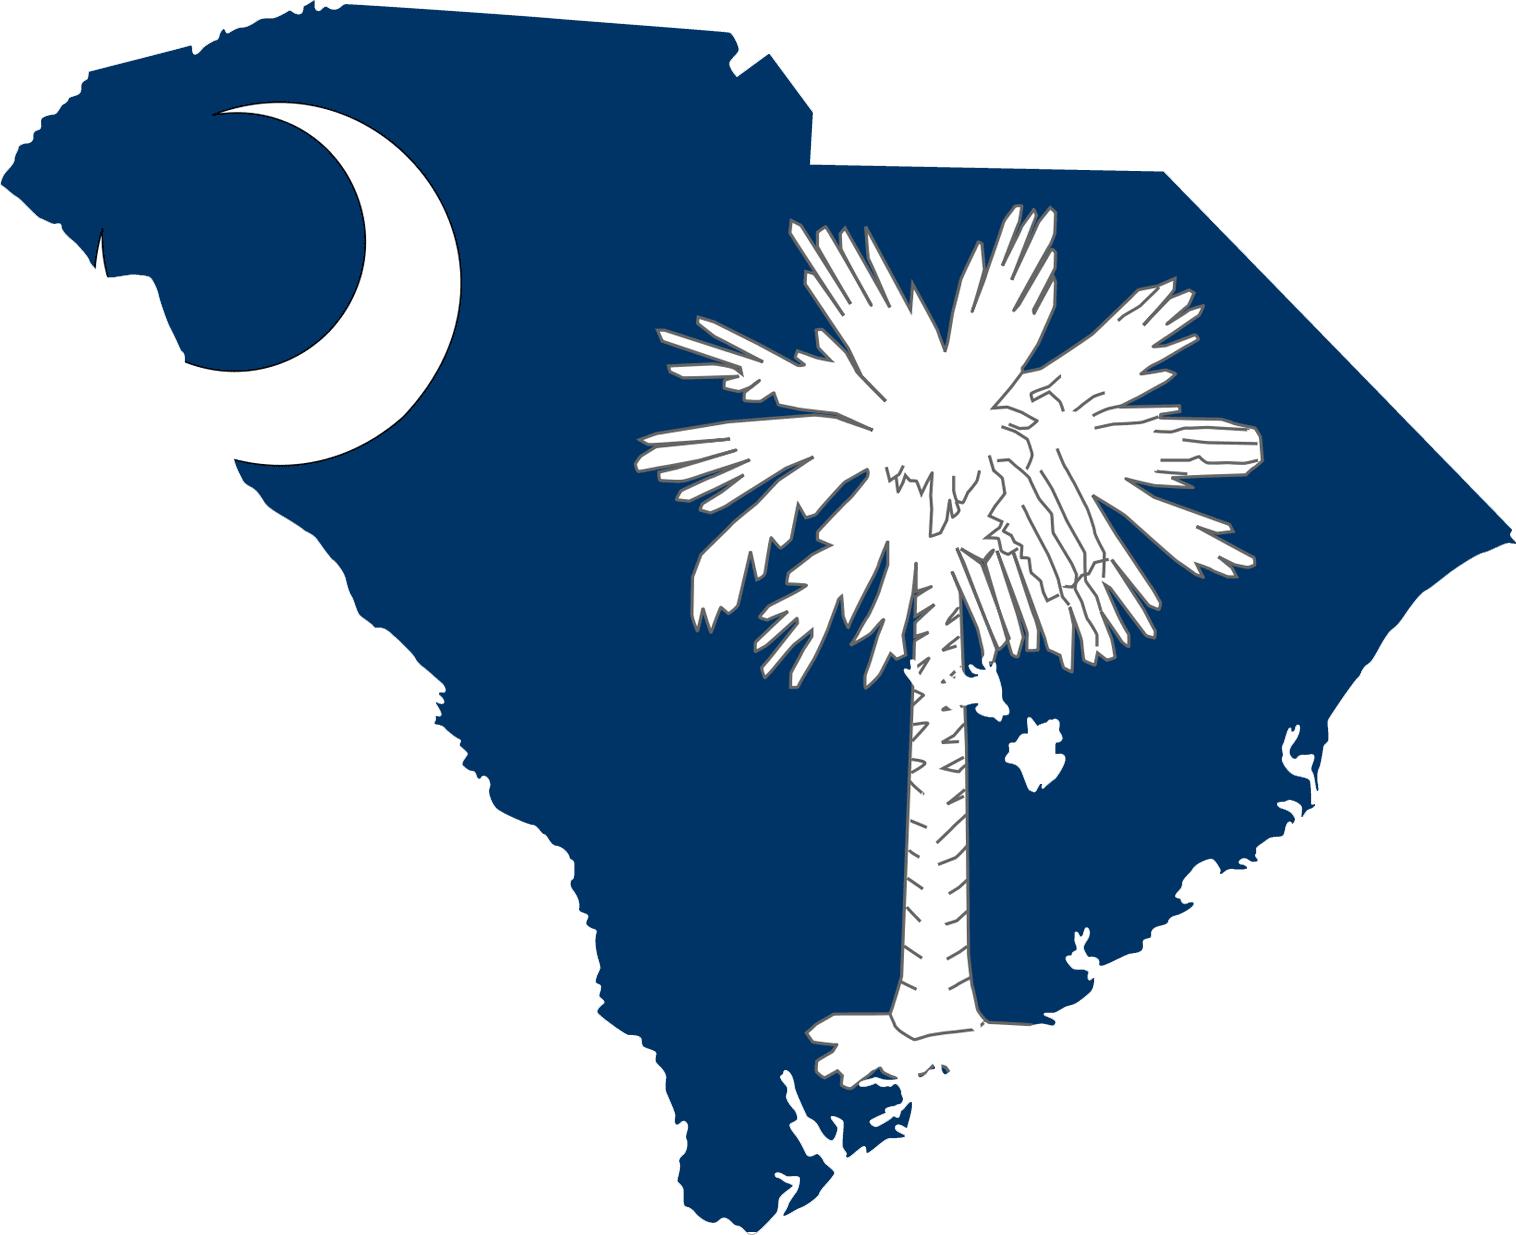 South_Carolina_flag_map_83787